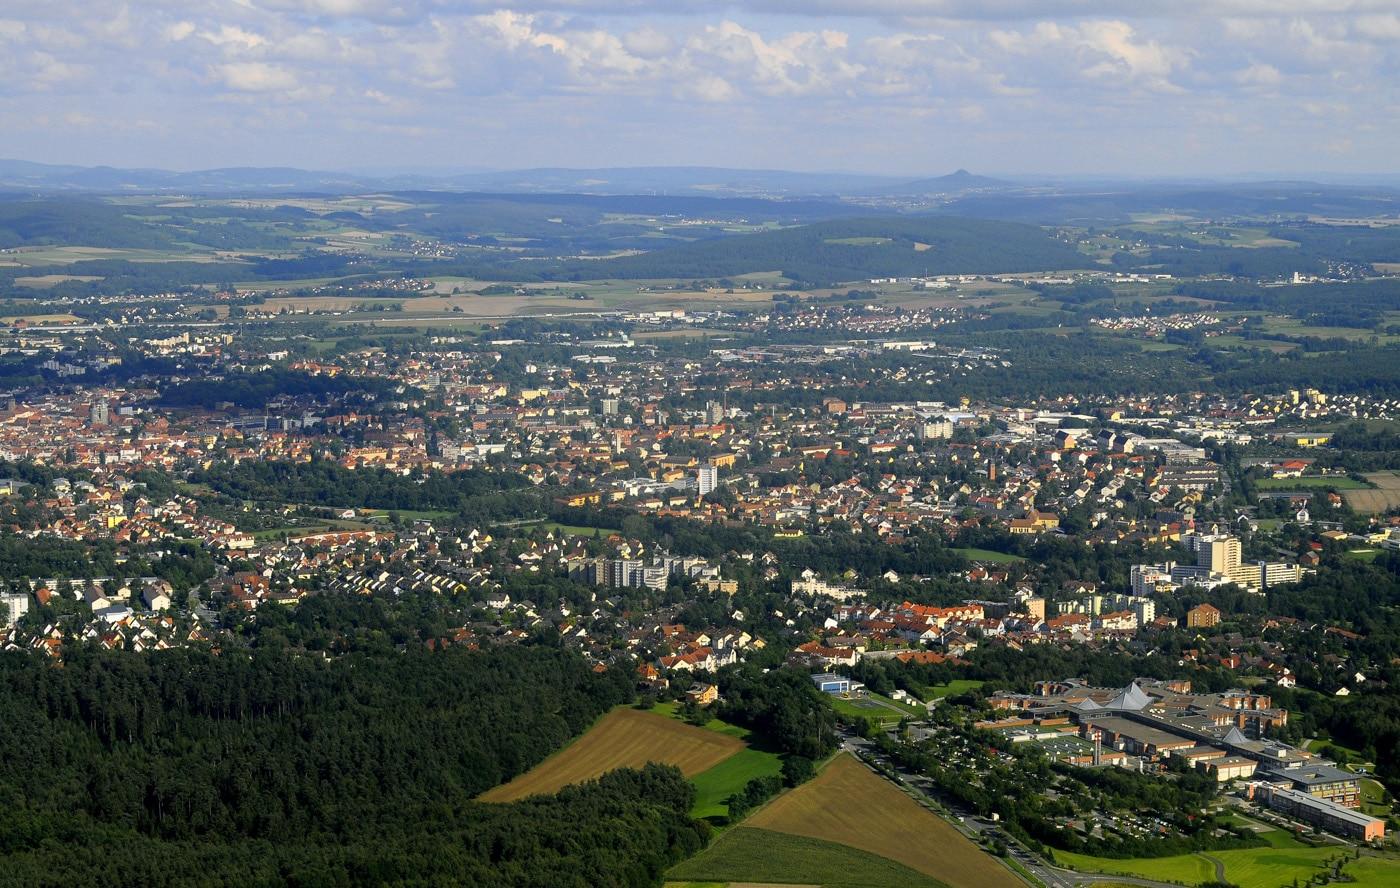 Blick auf Bayreuth aus der Vogelperspektive.